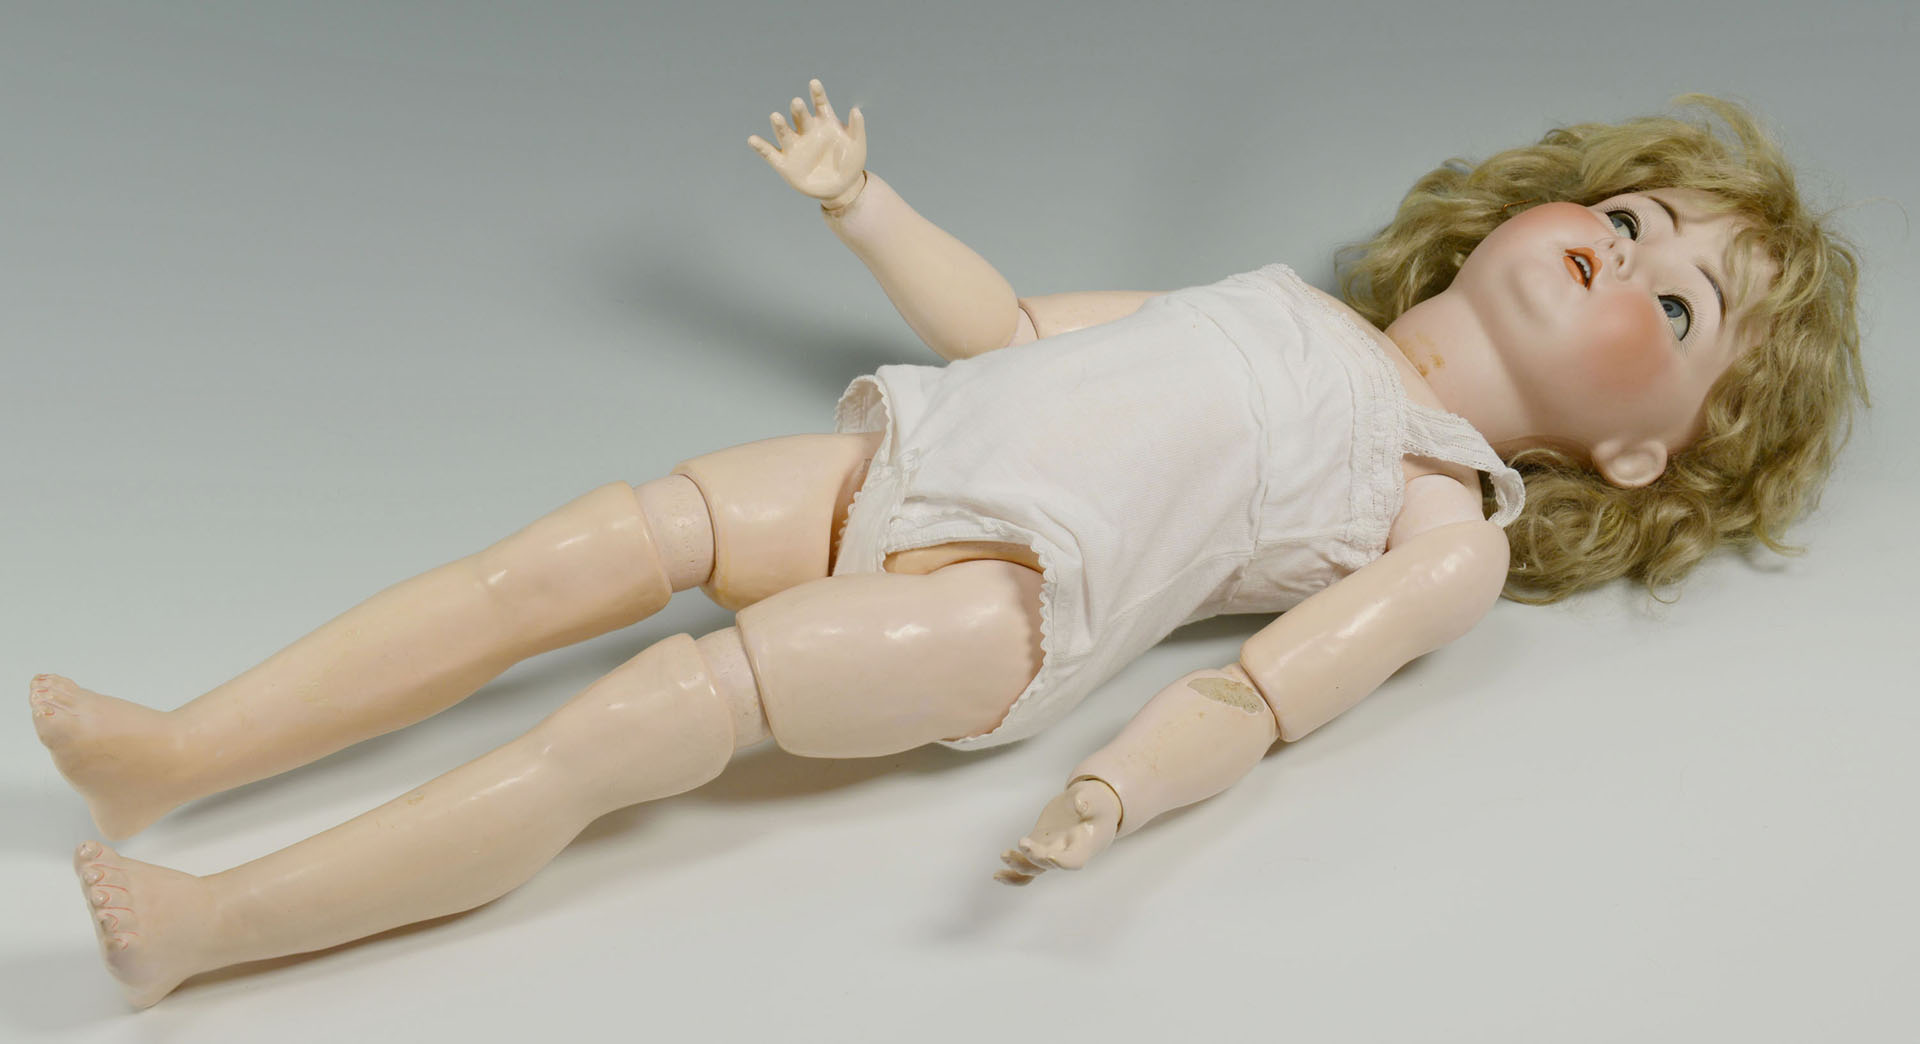 Simon & Halbig For Kammer & Reinhart German Doll